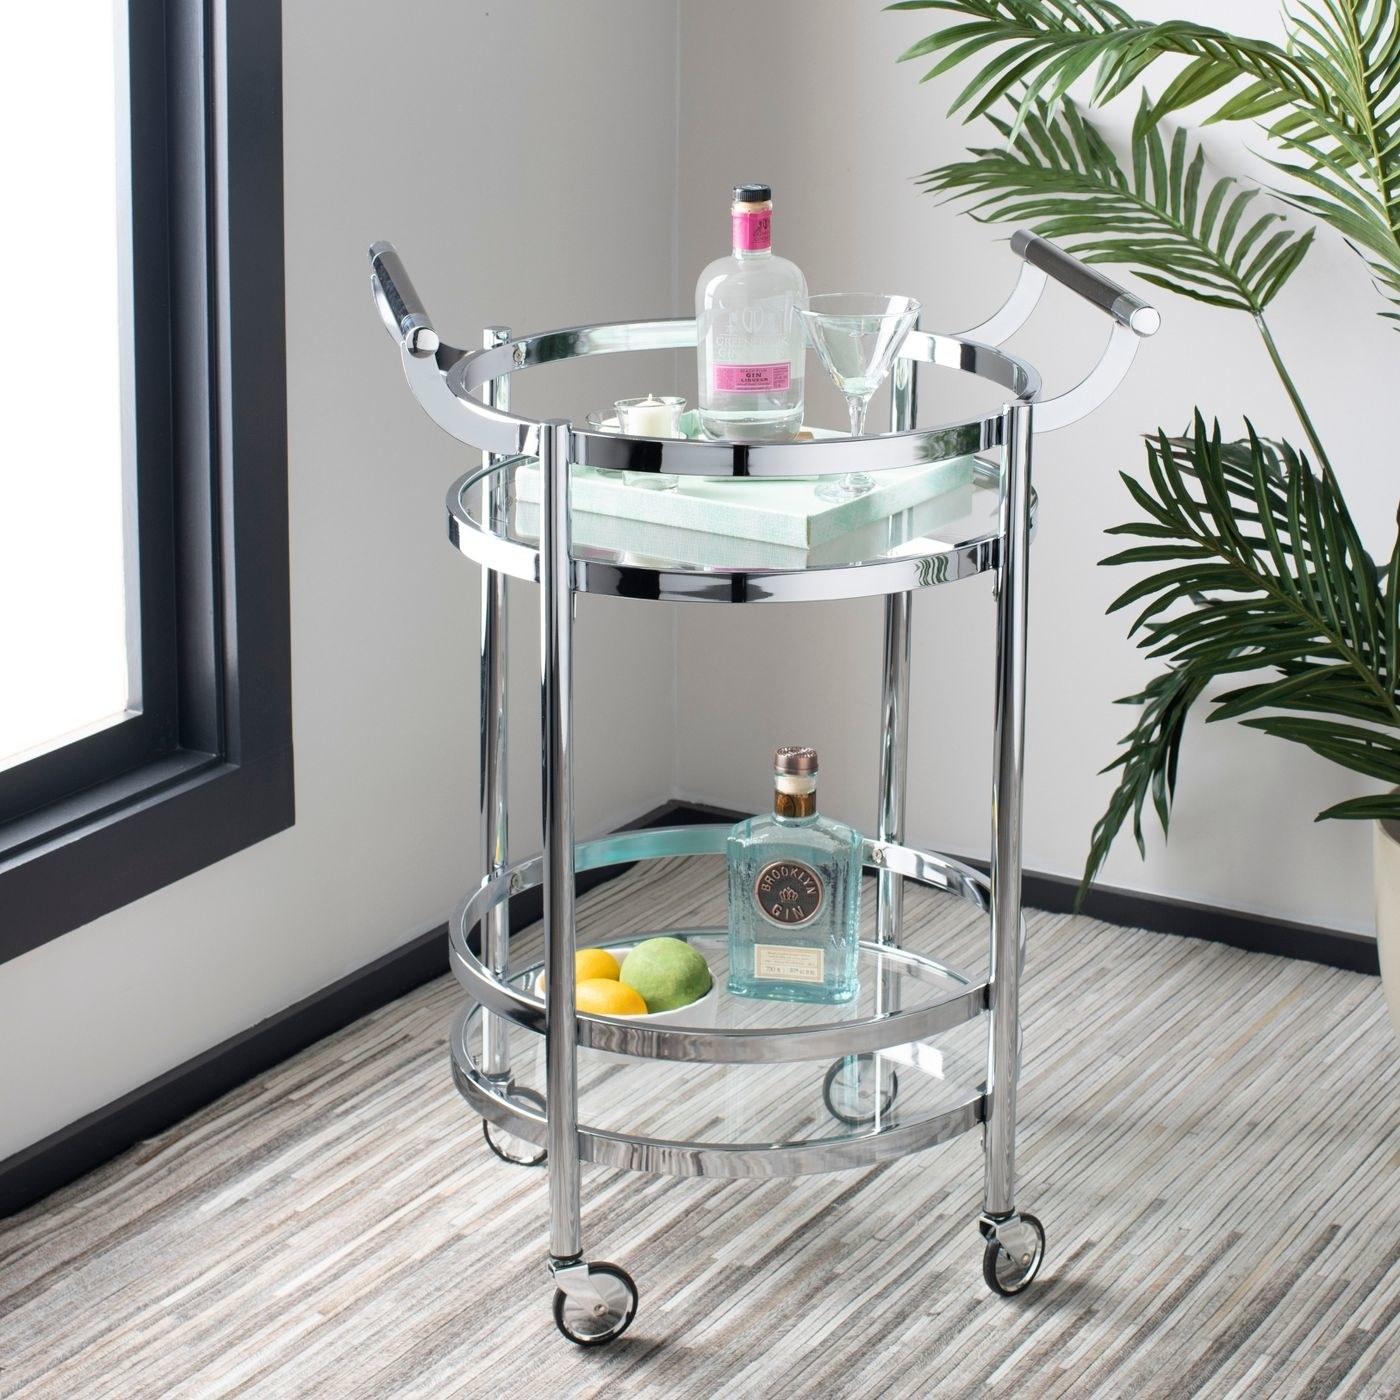 A chrome 2 tier round bar cart